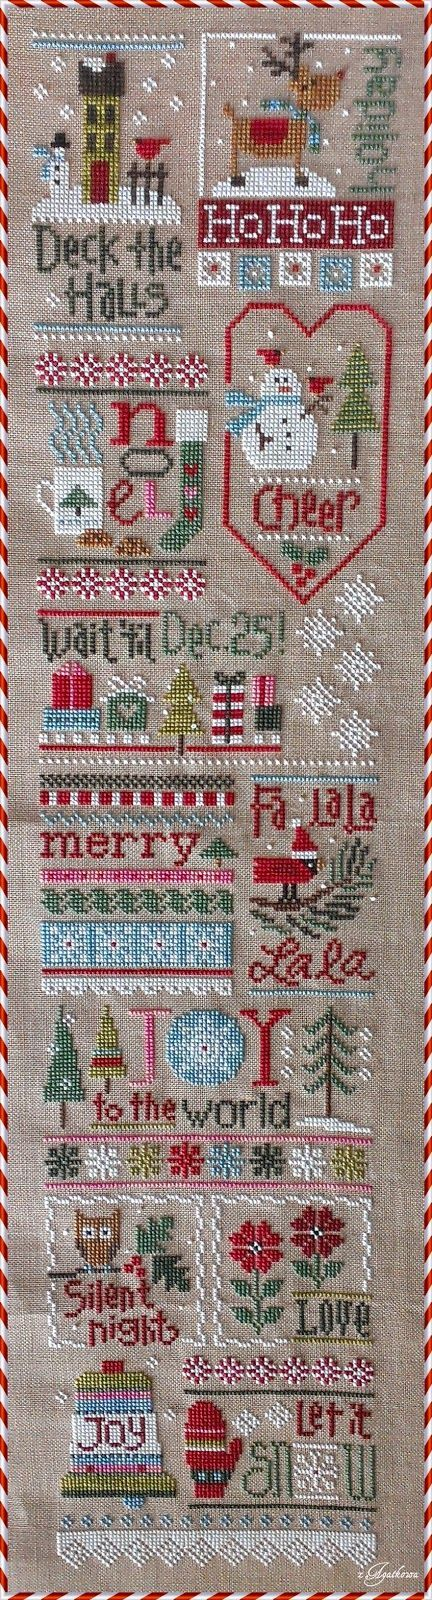 Free Christmas Cross Stitch Patterns Google Search Cross Stitch Patterns Christmas Cross Stitch Patterns Cross Stitch Samplers